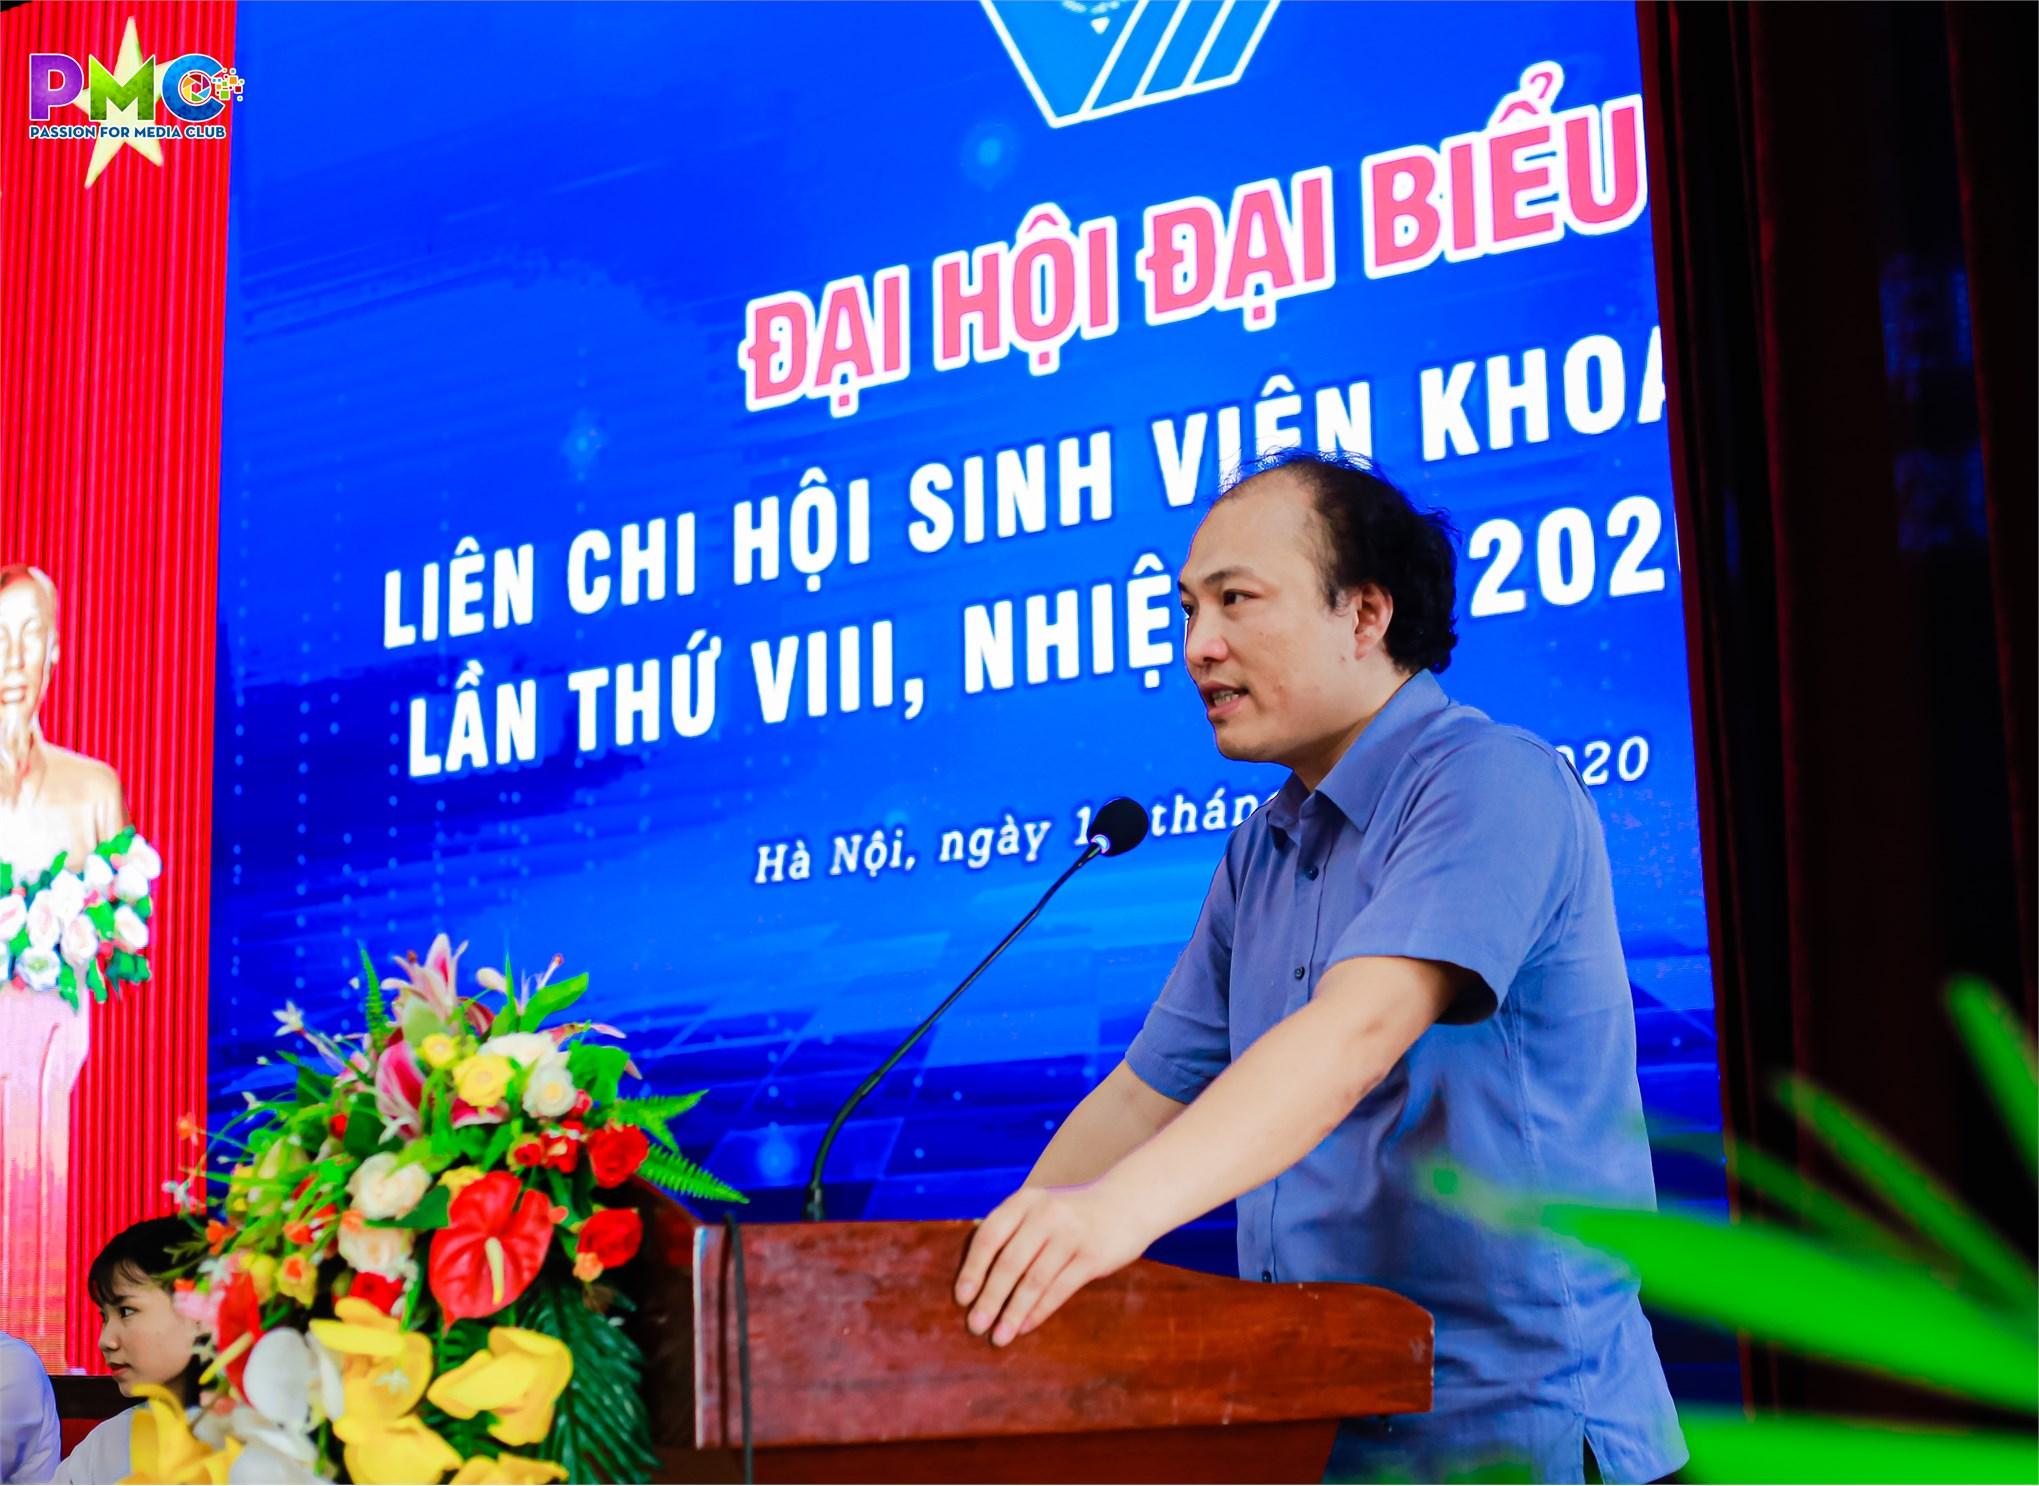 Đại hội đại biểu liên chi hội sinh viên khoa Điện tử lần thứ VIII nhiệm kỳ 2020 - 2023 diễn ra thành công tốt đẹp